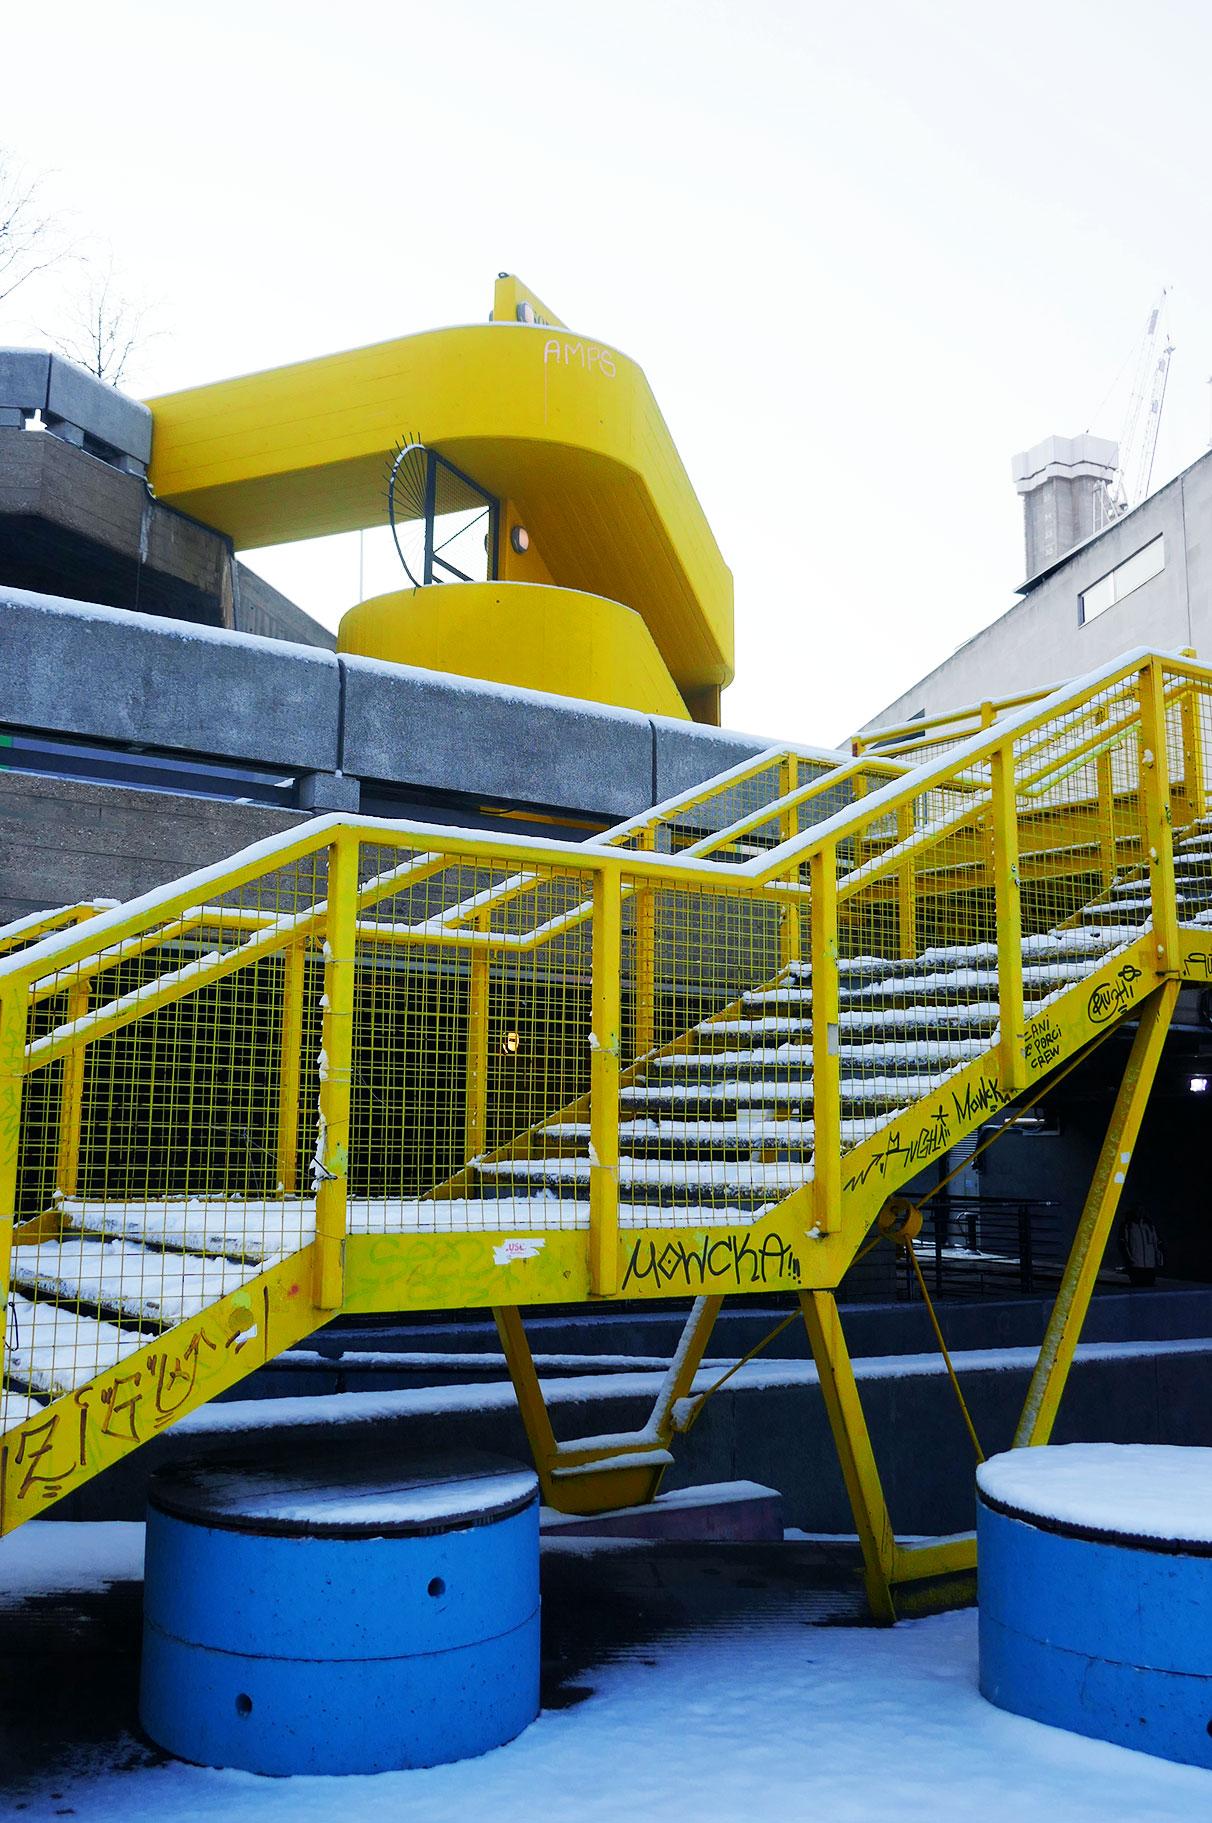 Hooray_snow_stairs_yellow.jpg